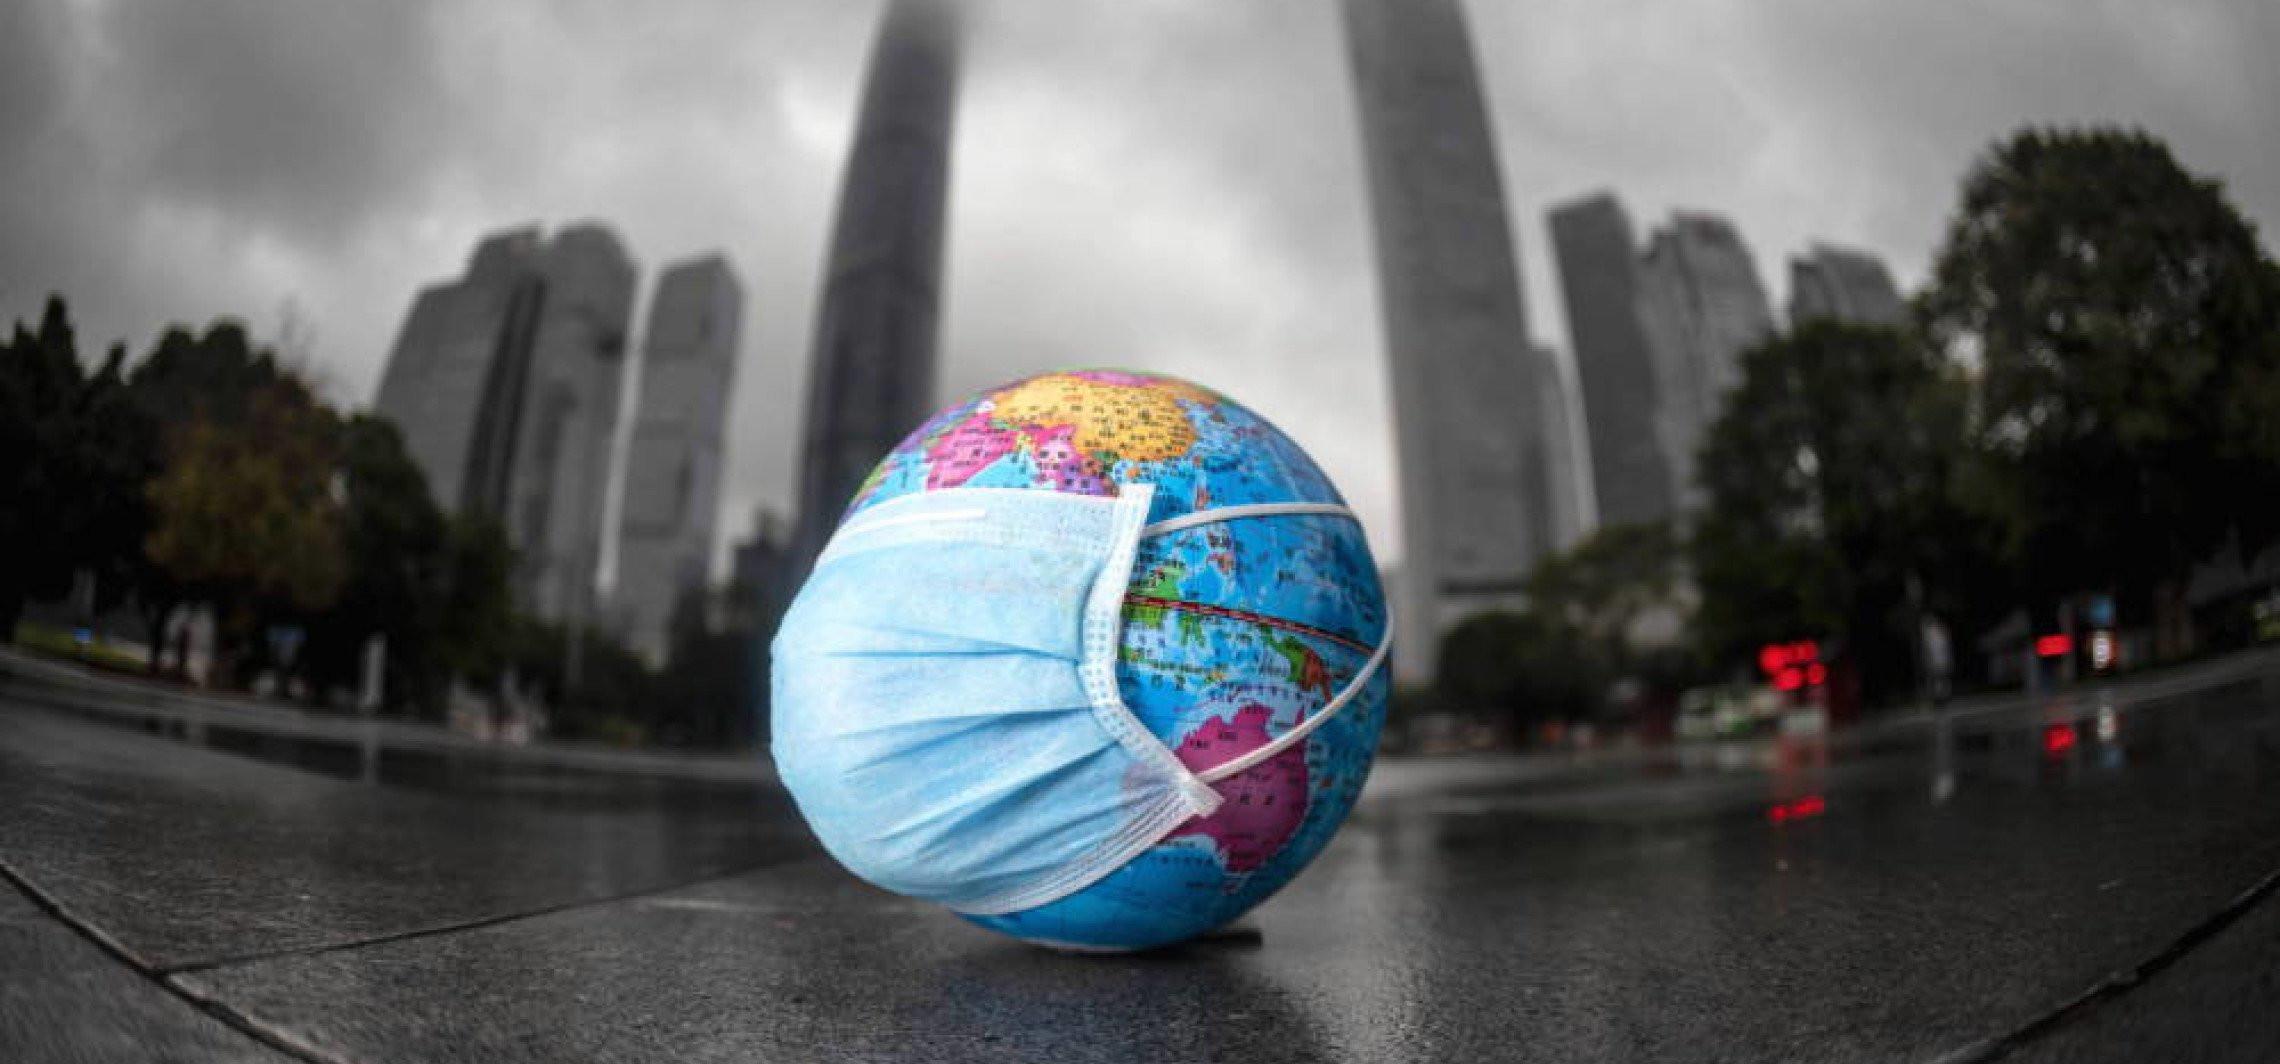 Wzrost ekonomiczny oznacza szkody dla planety